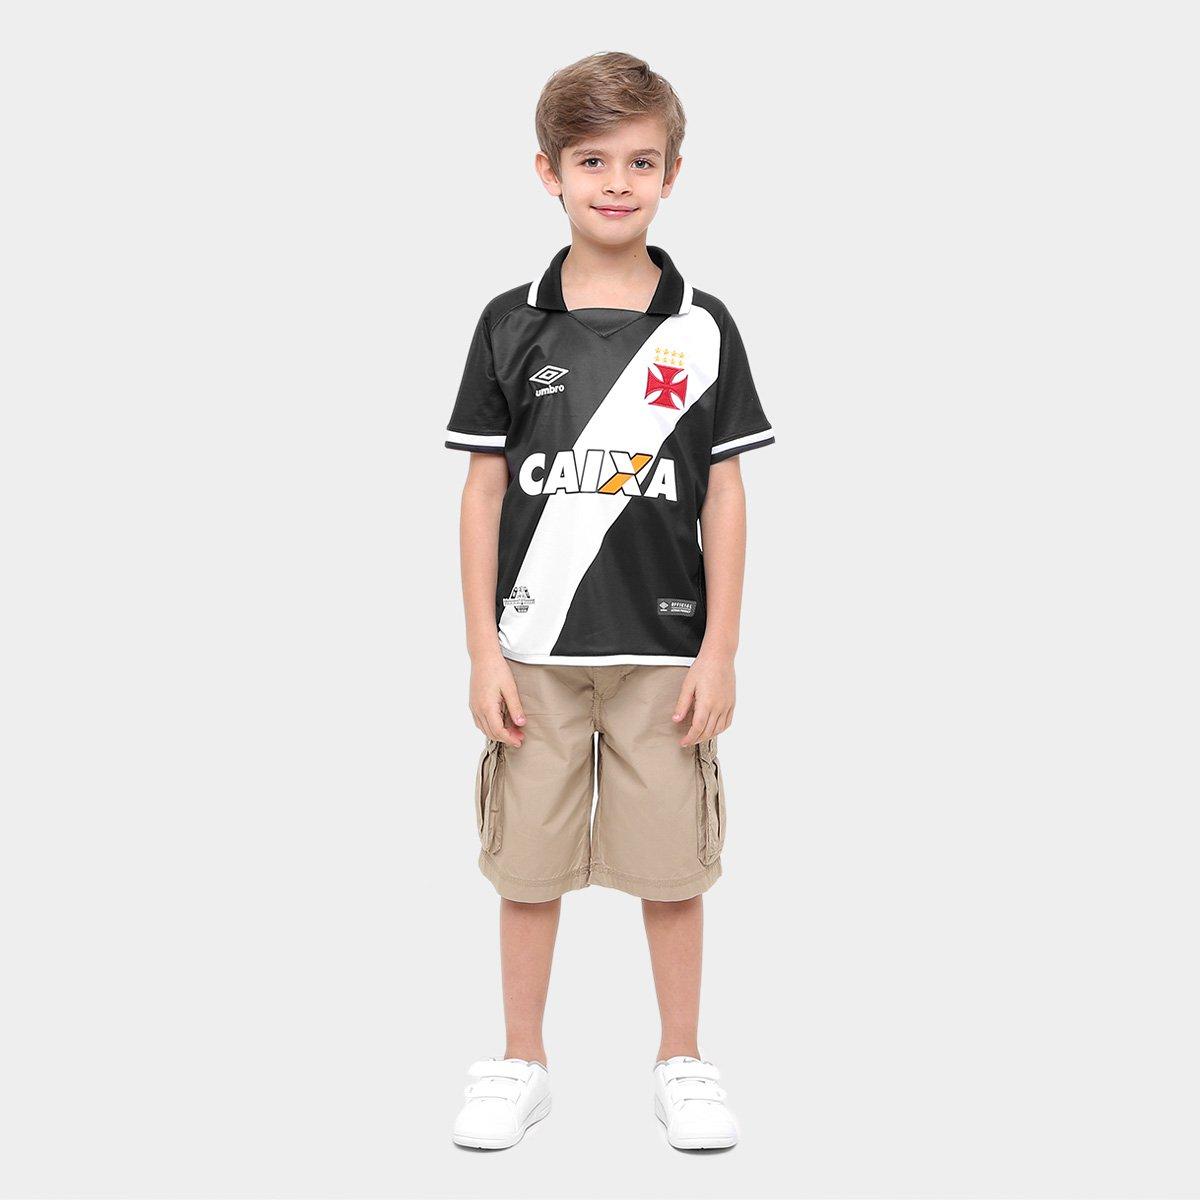 Camisa Vasco Infantil I 17 18 nº 10 - Torcedor Umbro - Preto e ... c4a58e1905a57